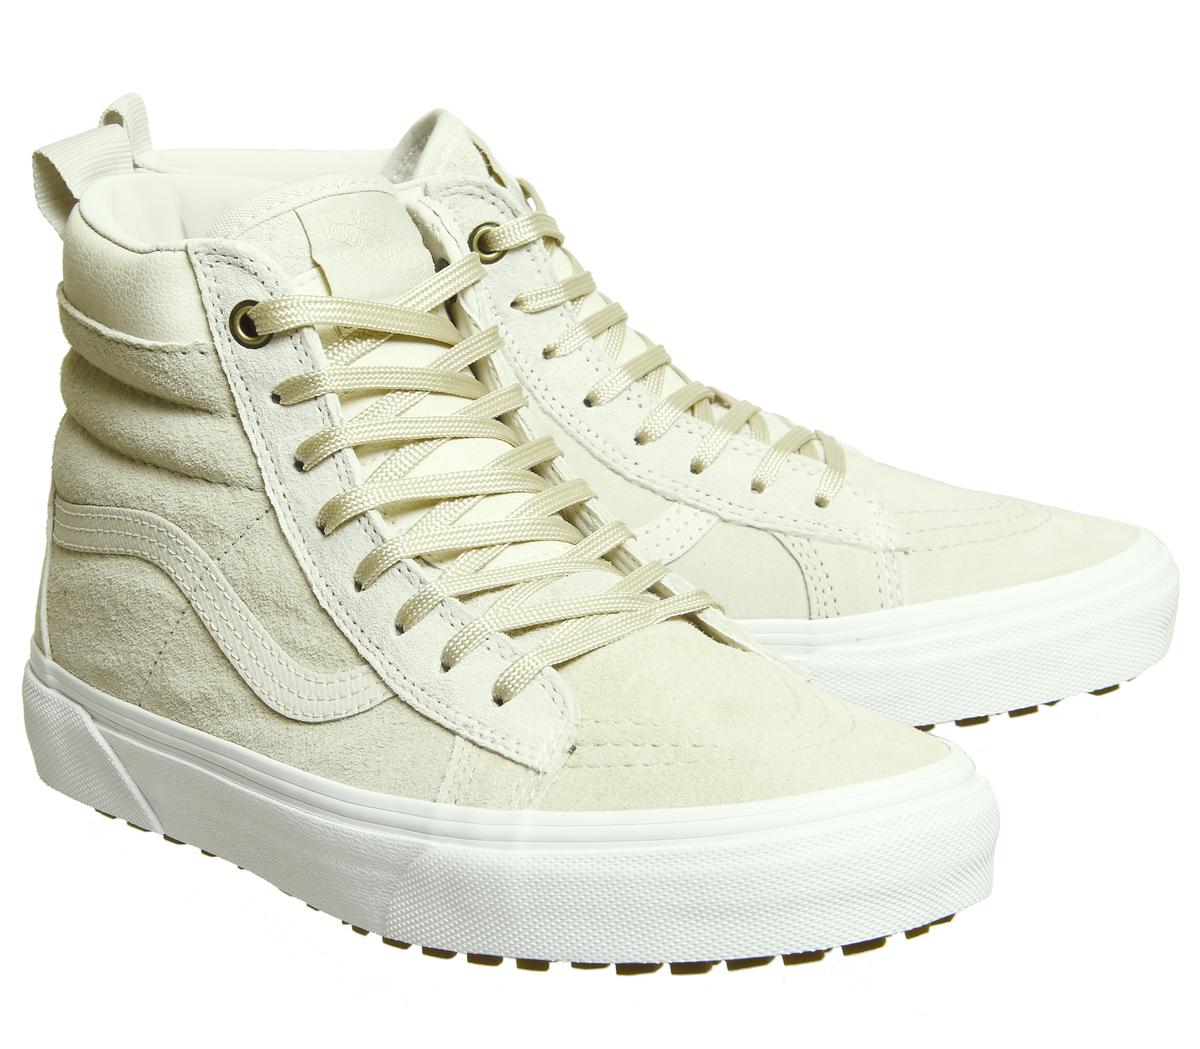 Womens Vans Shoes Hi Trainers Mte Cement Birch Sk8 Ebay wvHqp